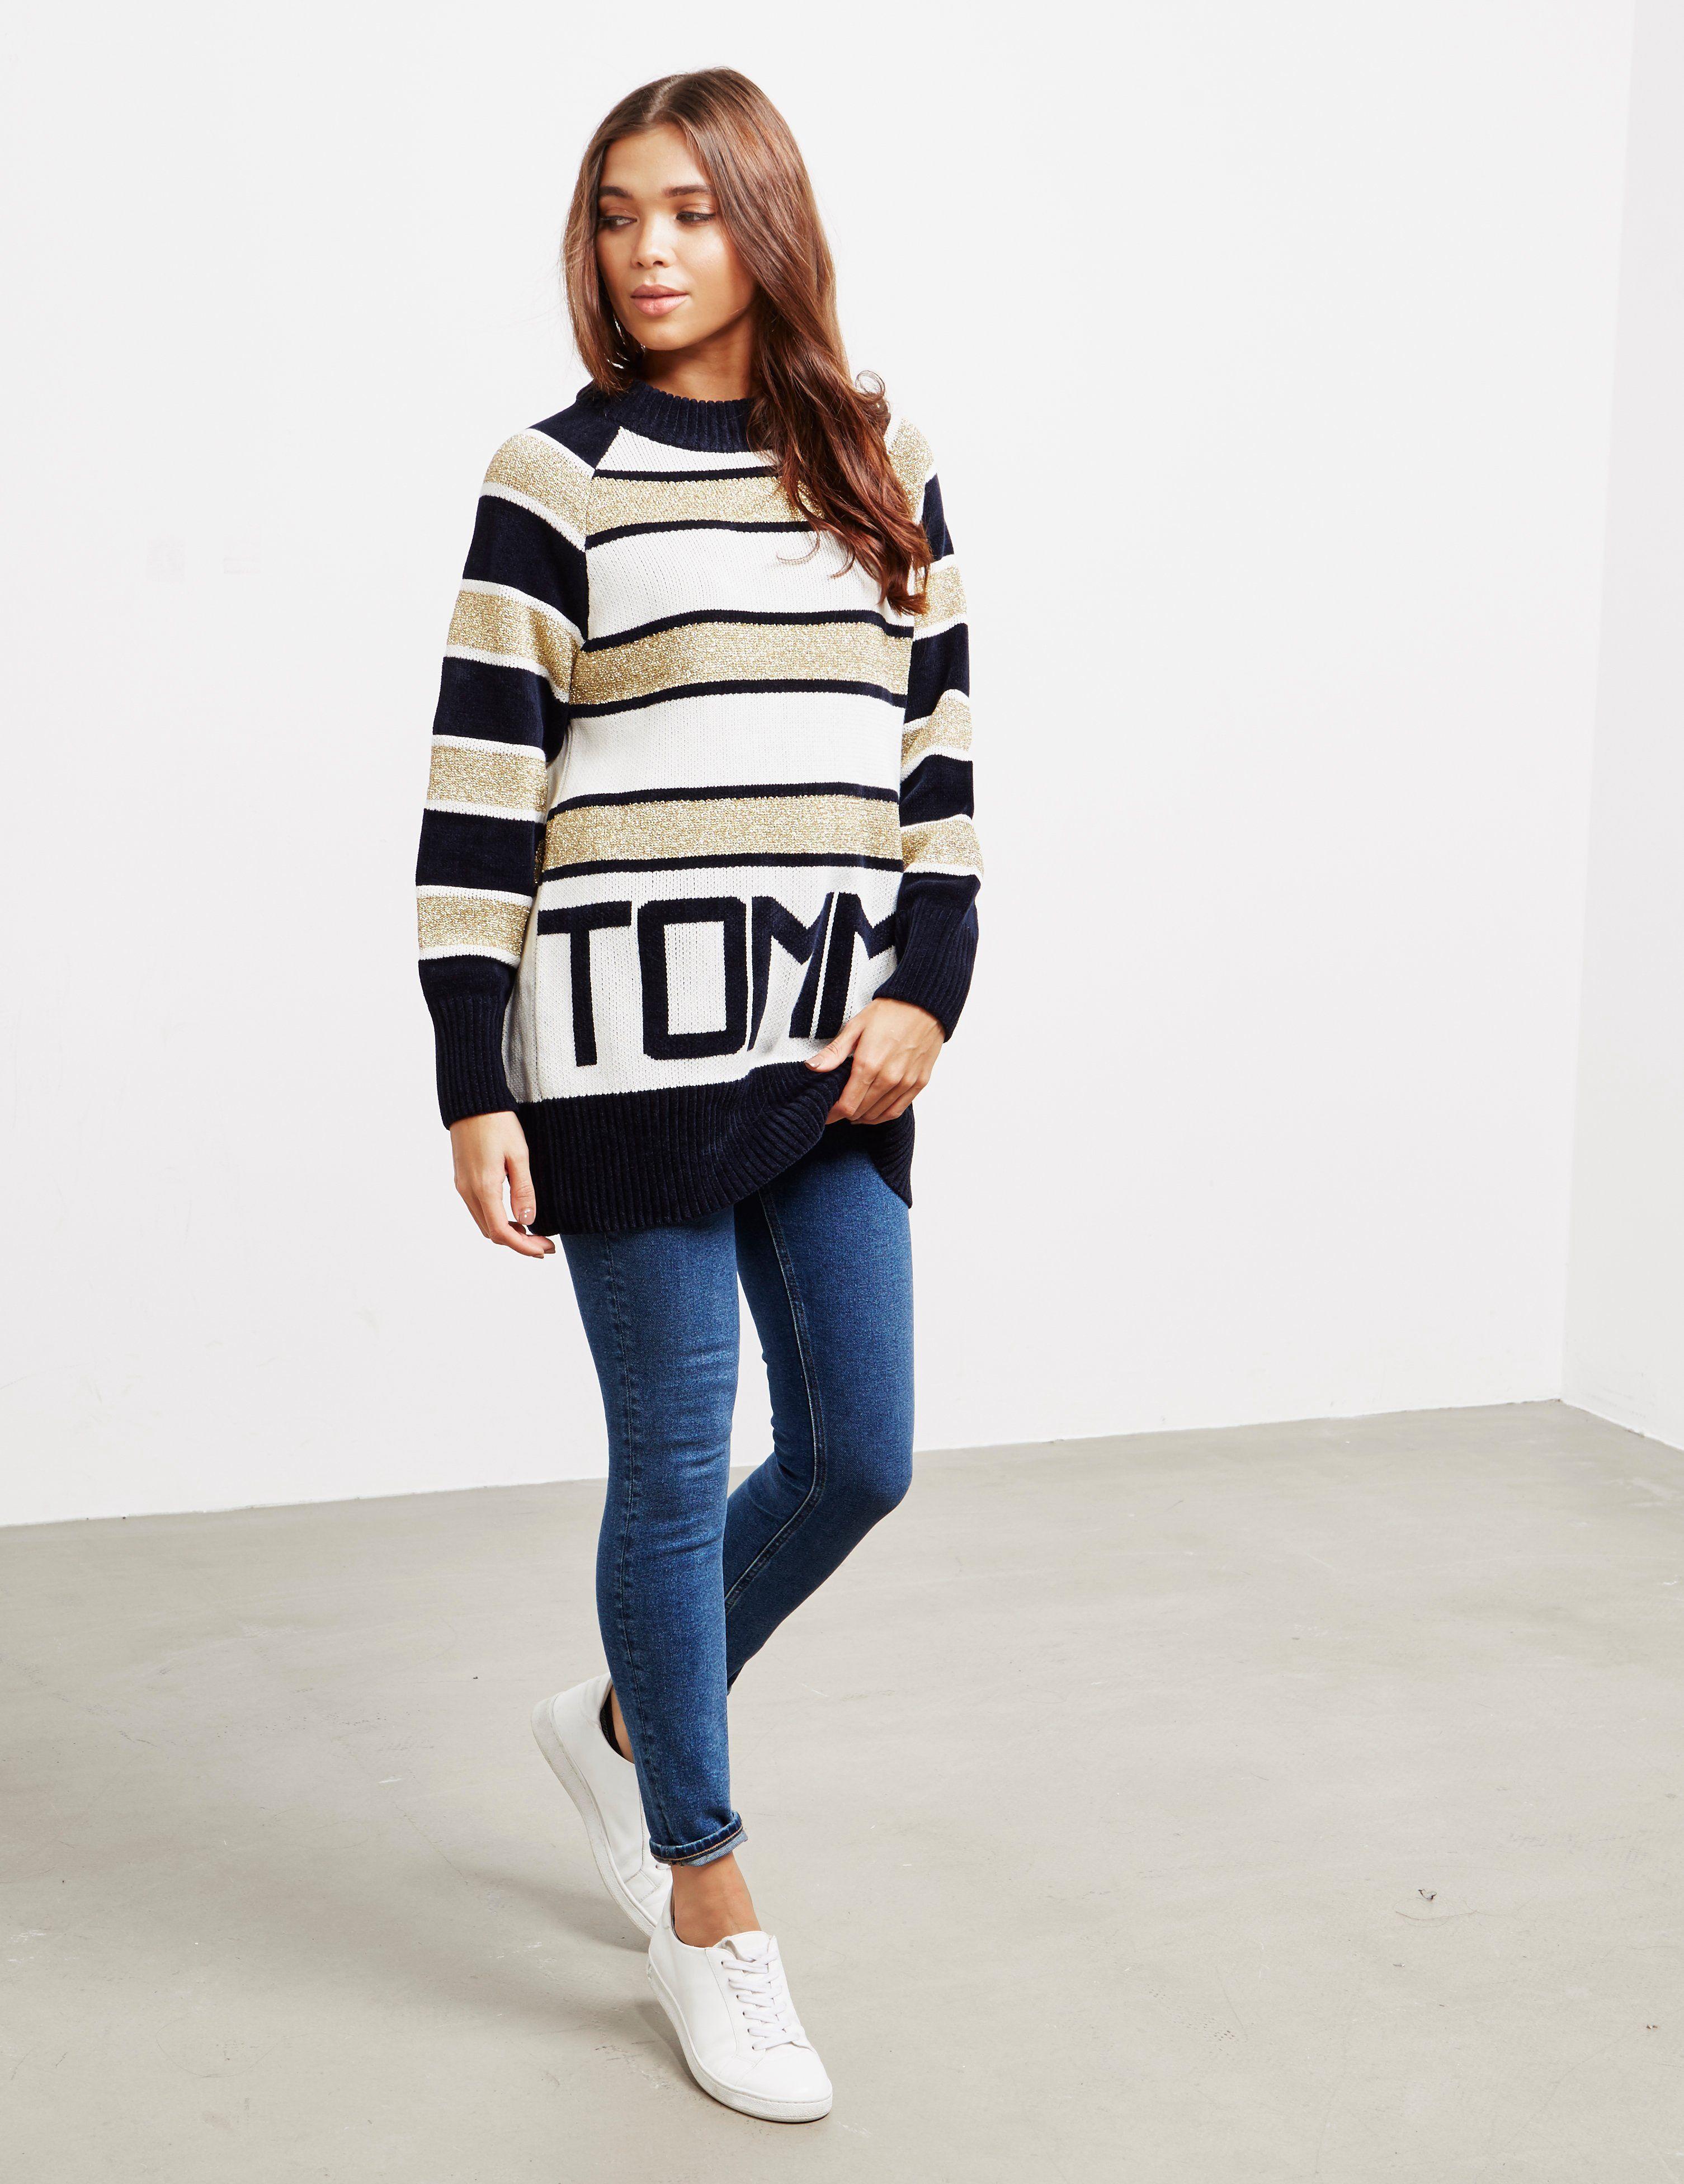 Tommy Hilfiger Tamarah Stripe Knit Jumper